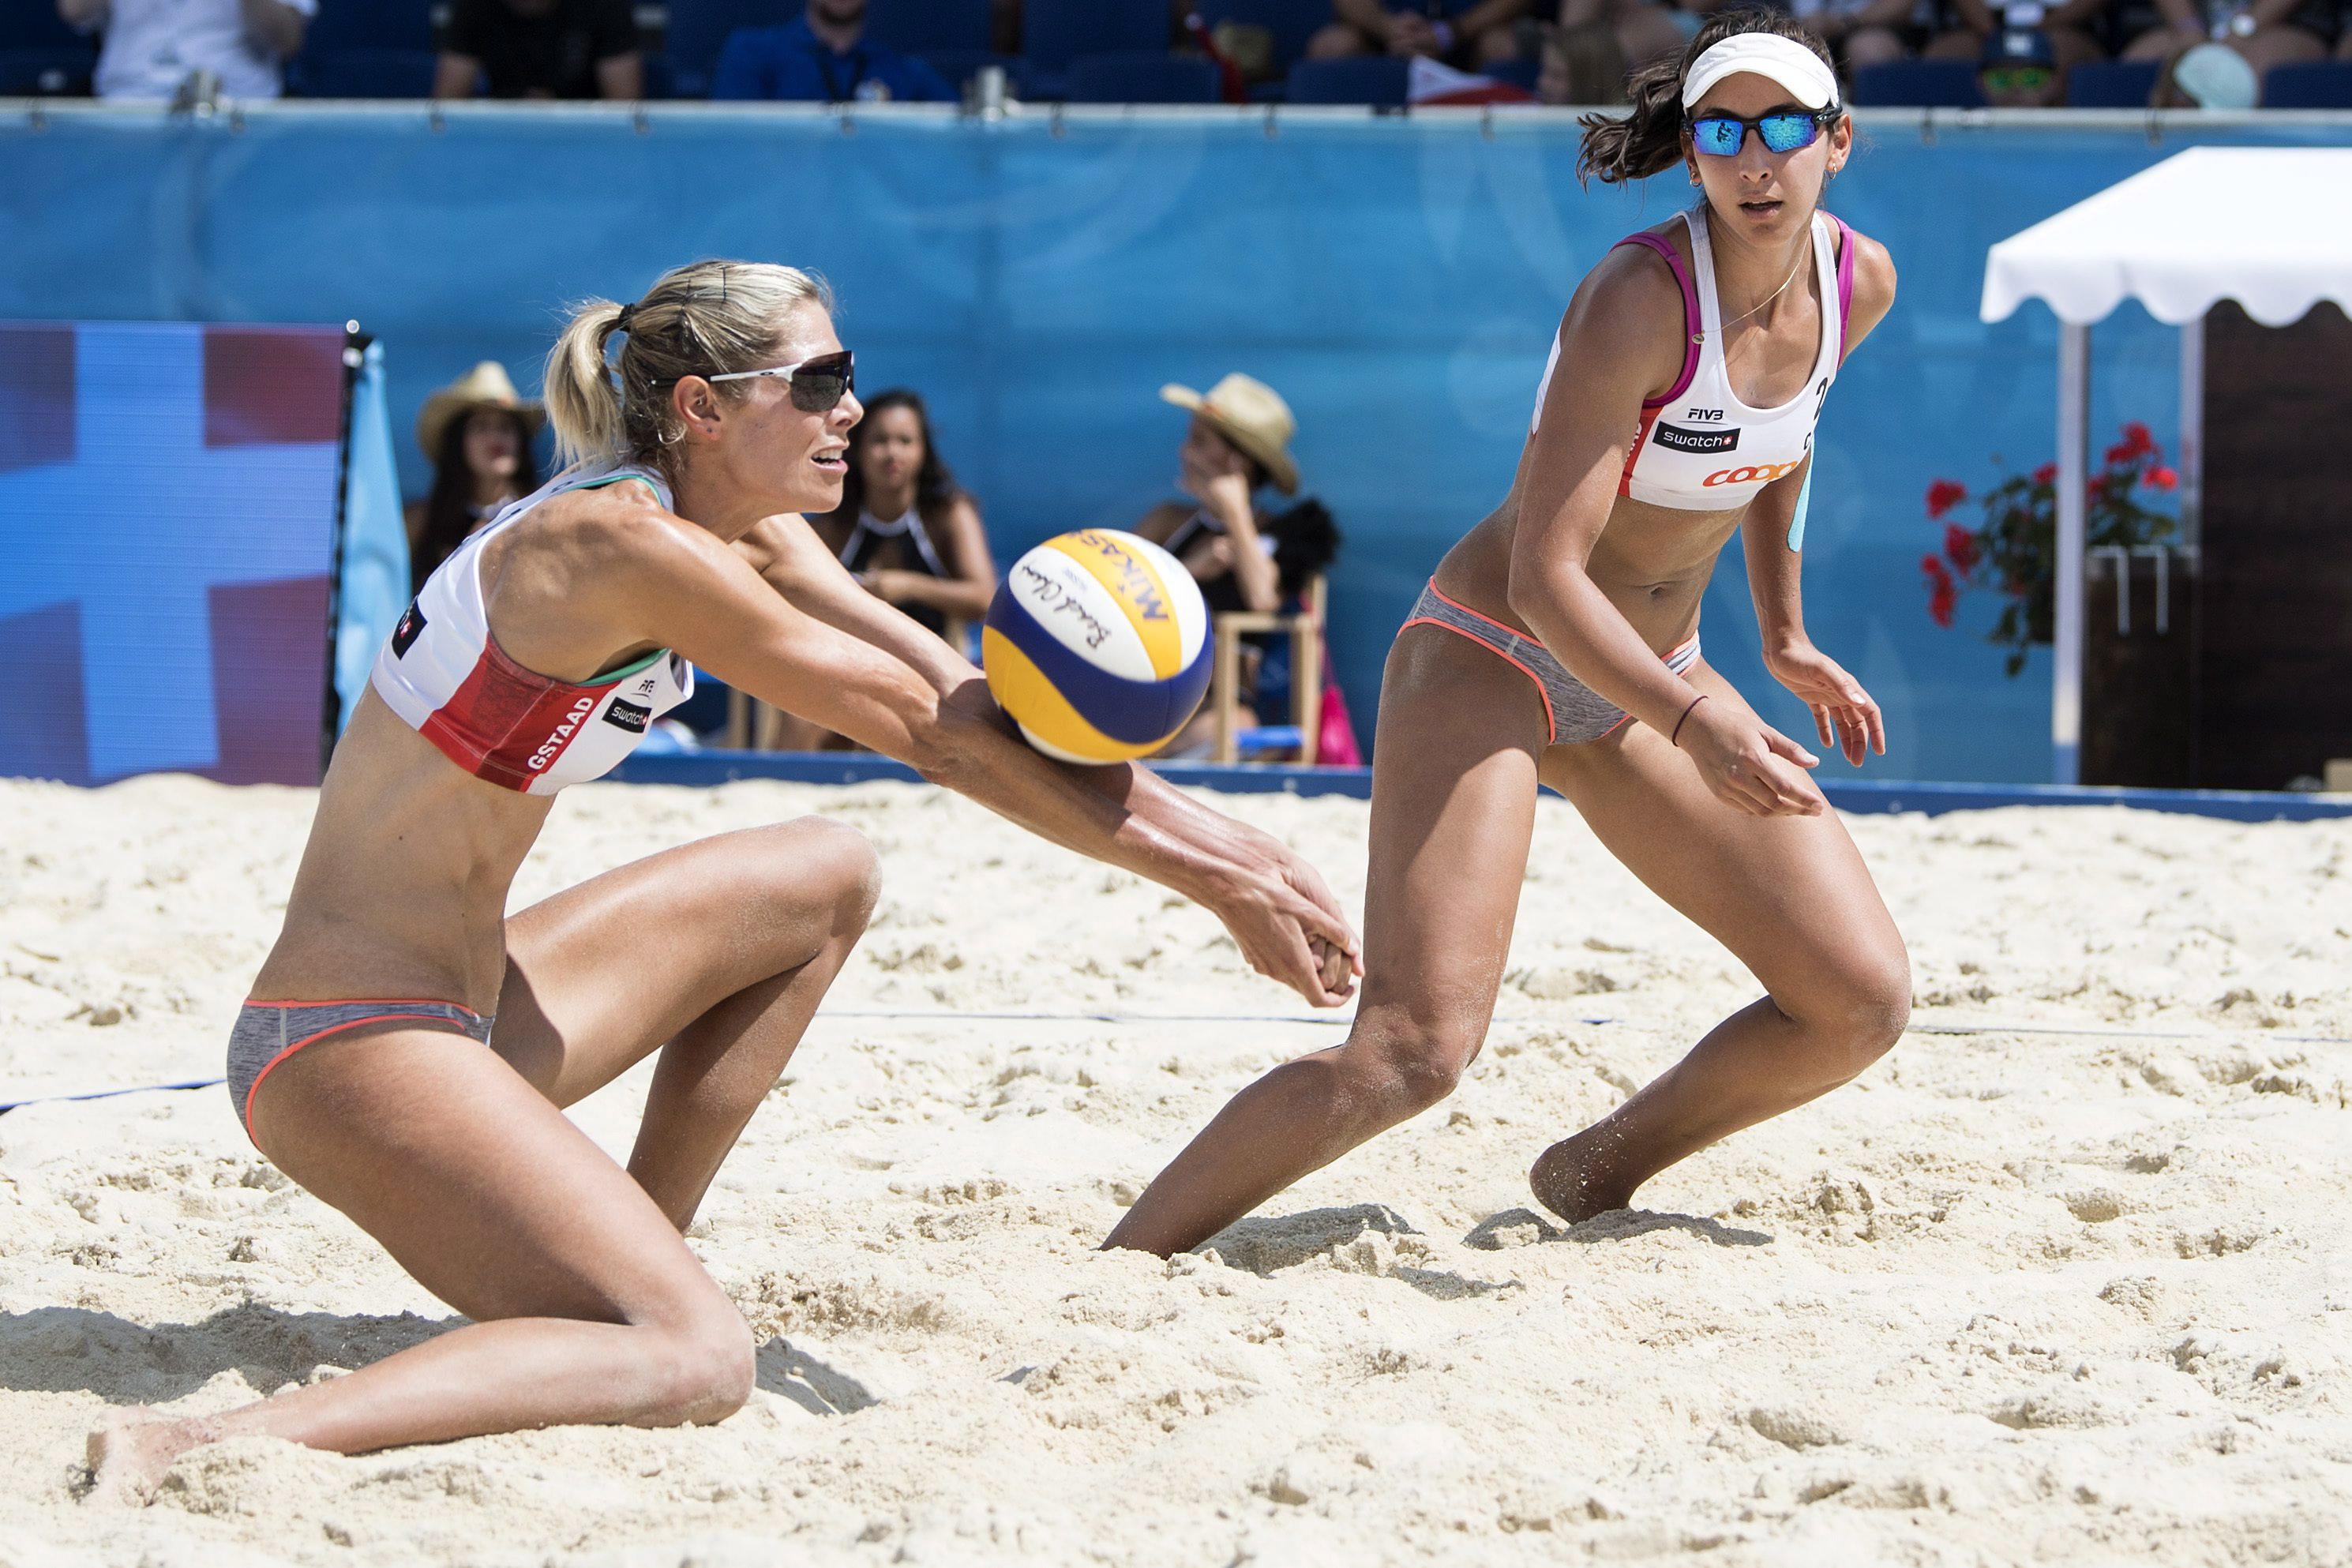 Sarah Pavan digs the ball next to Melissa Humana-Parades